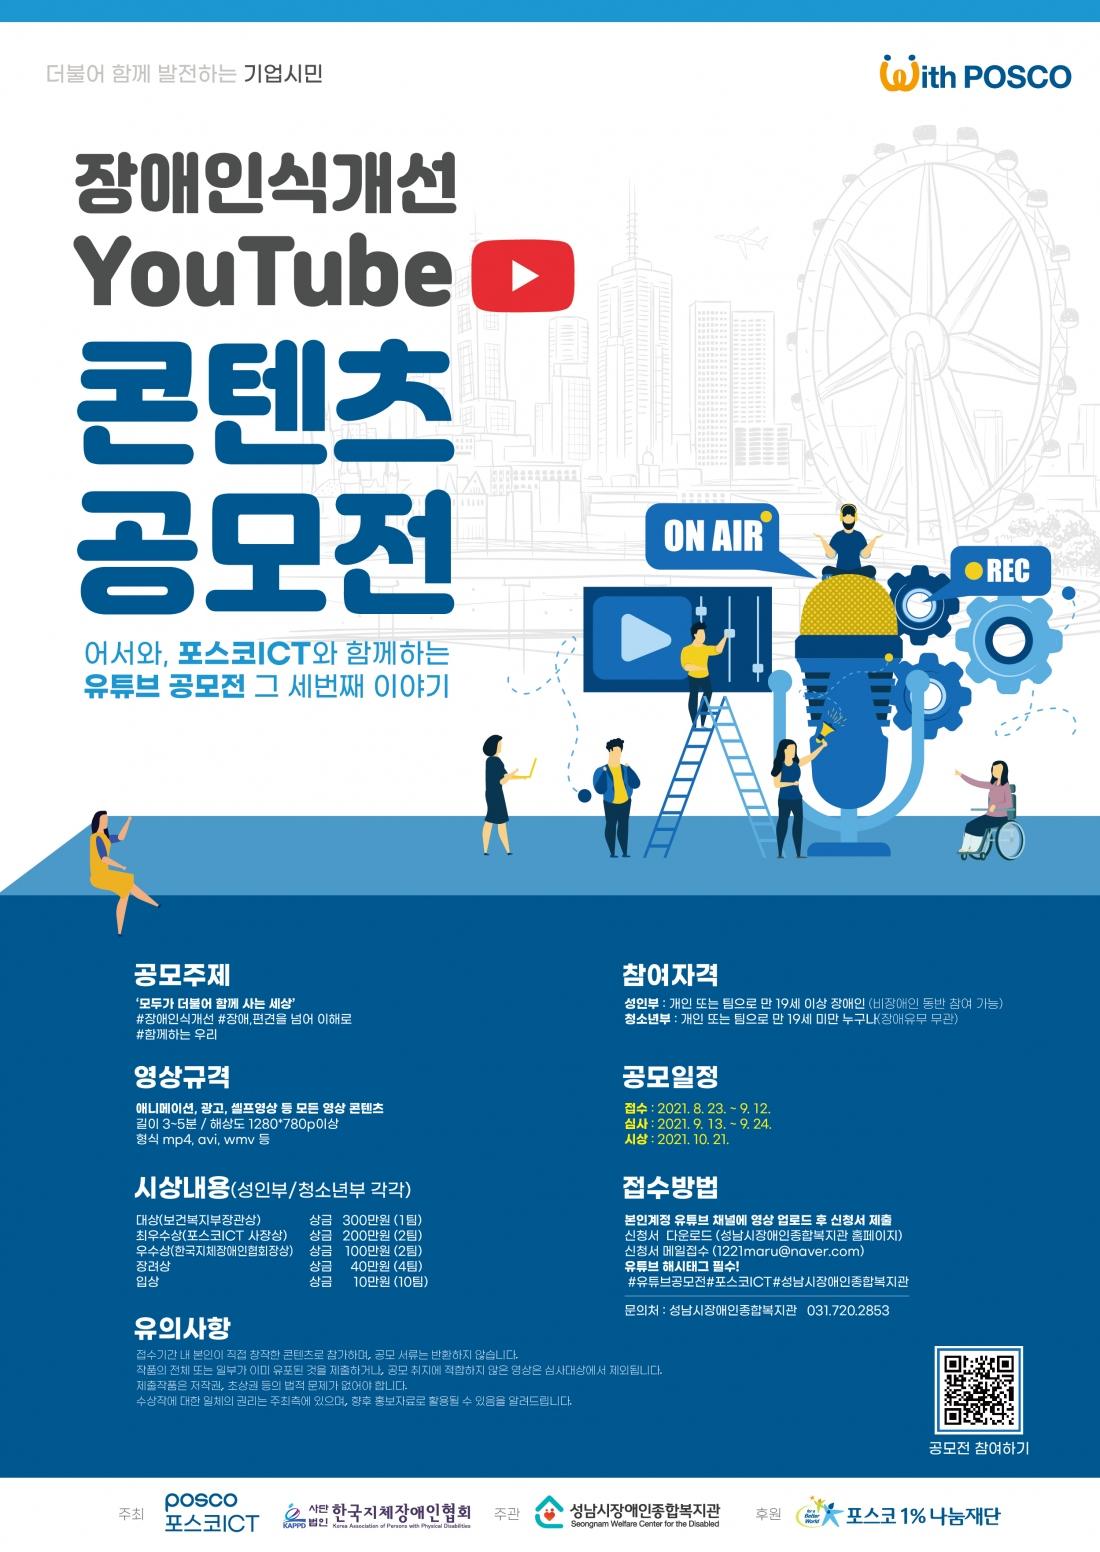 2021년 장애인식개선 YouTube 콘텐츠 공모전 안내포스터